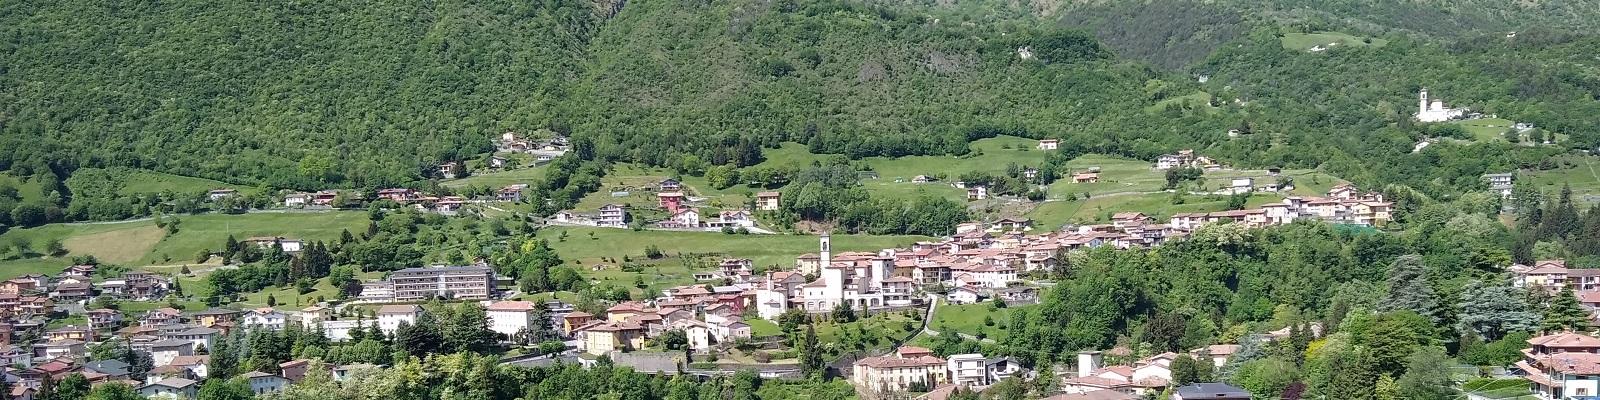 Veduta del paese di Sovere - Ph Michele Lotta